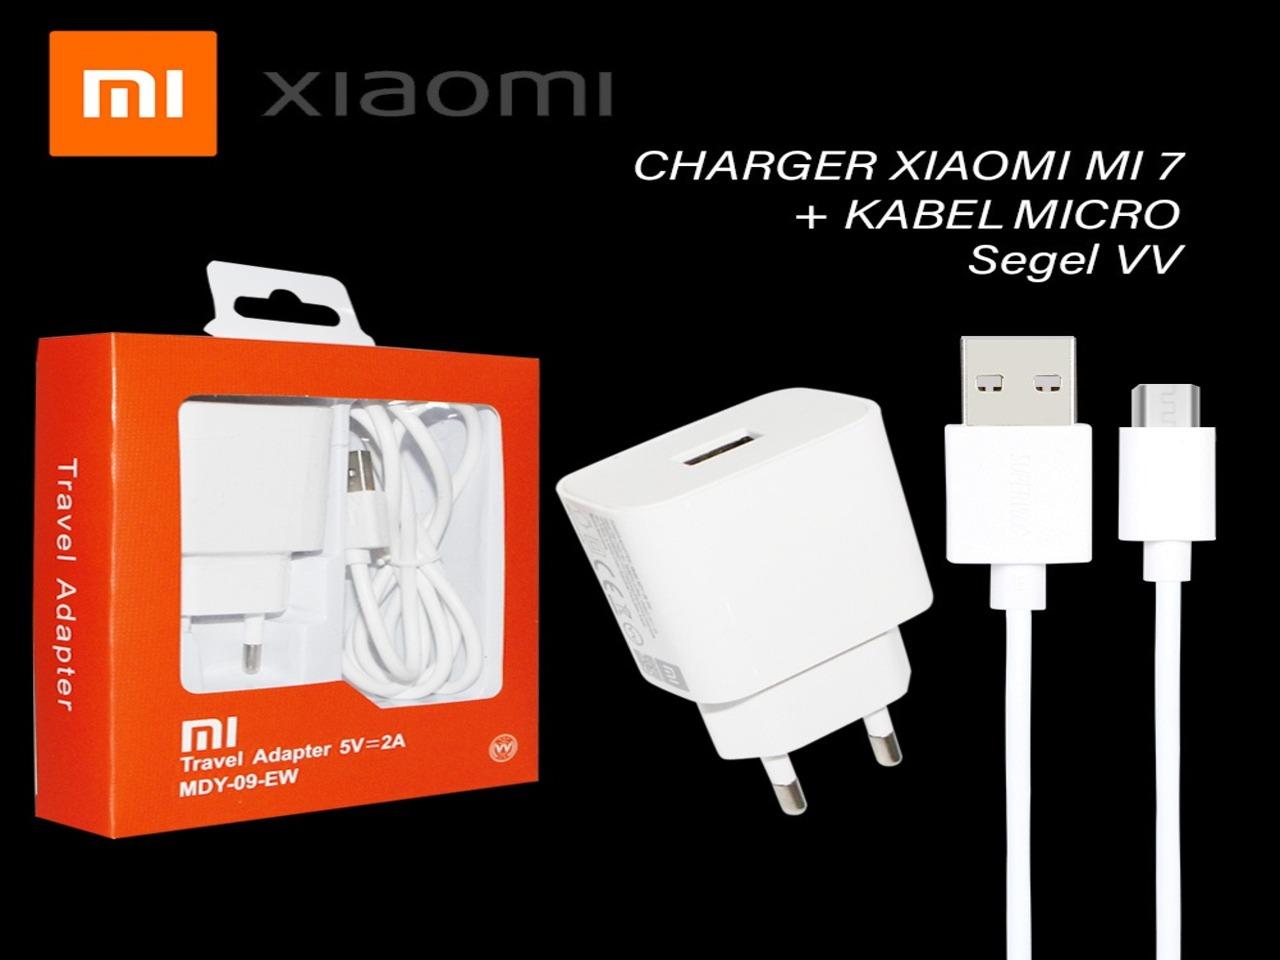 CHARGER-XIAOMI-MI7-MICRO